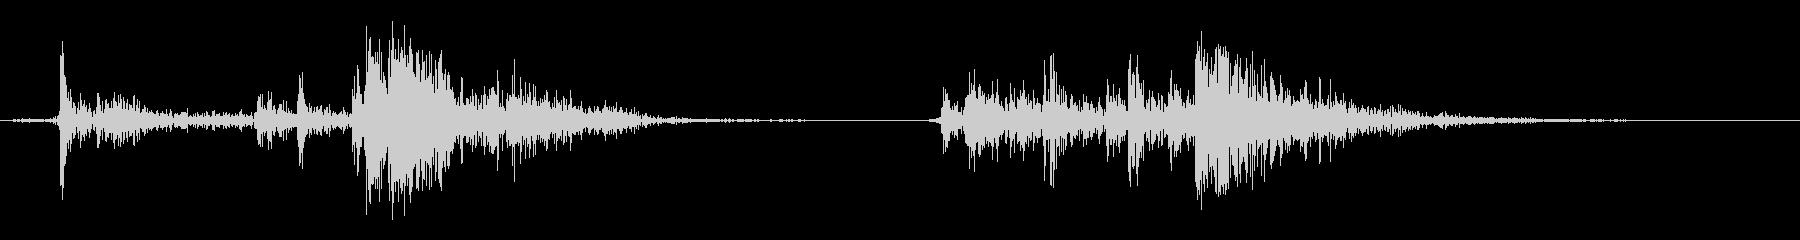 ショットガンのコッキングの未再生の波形